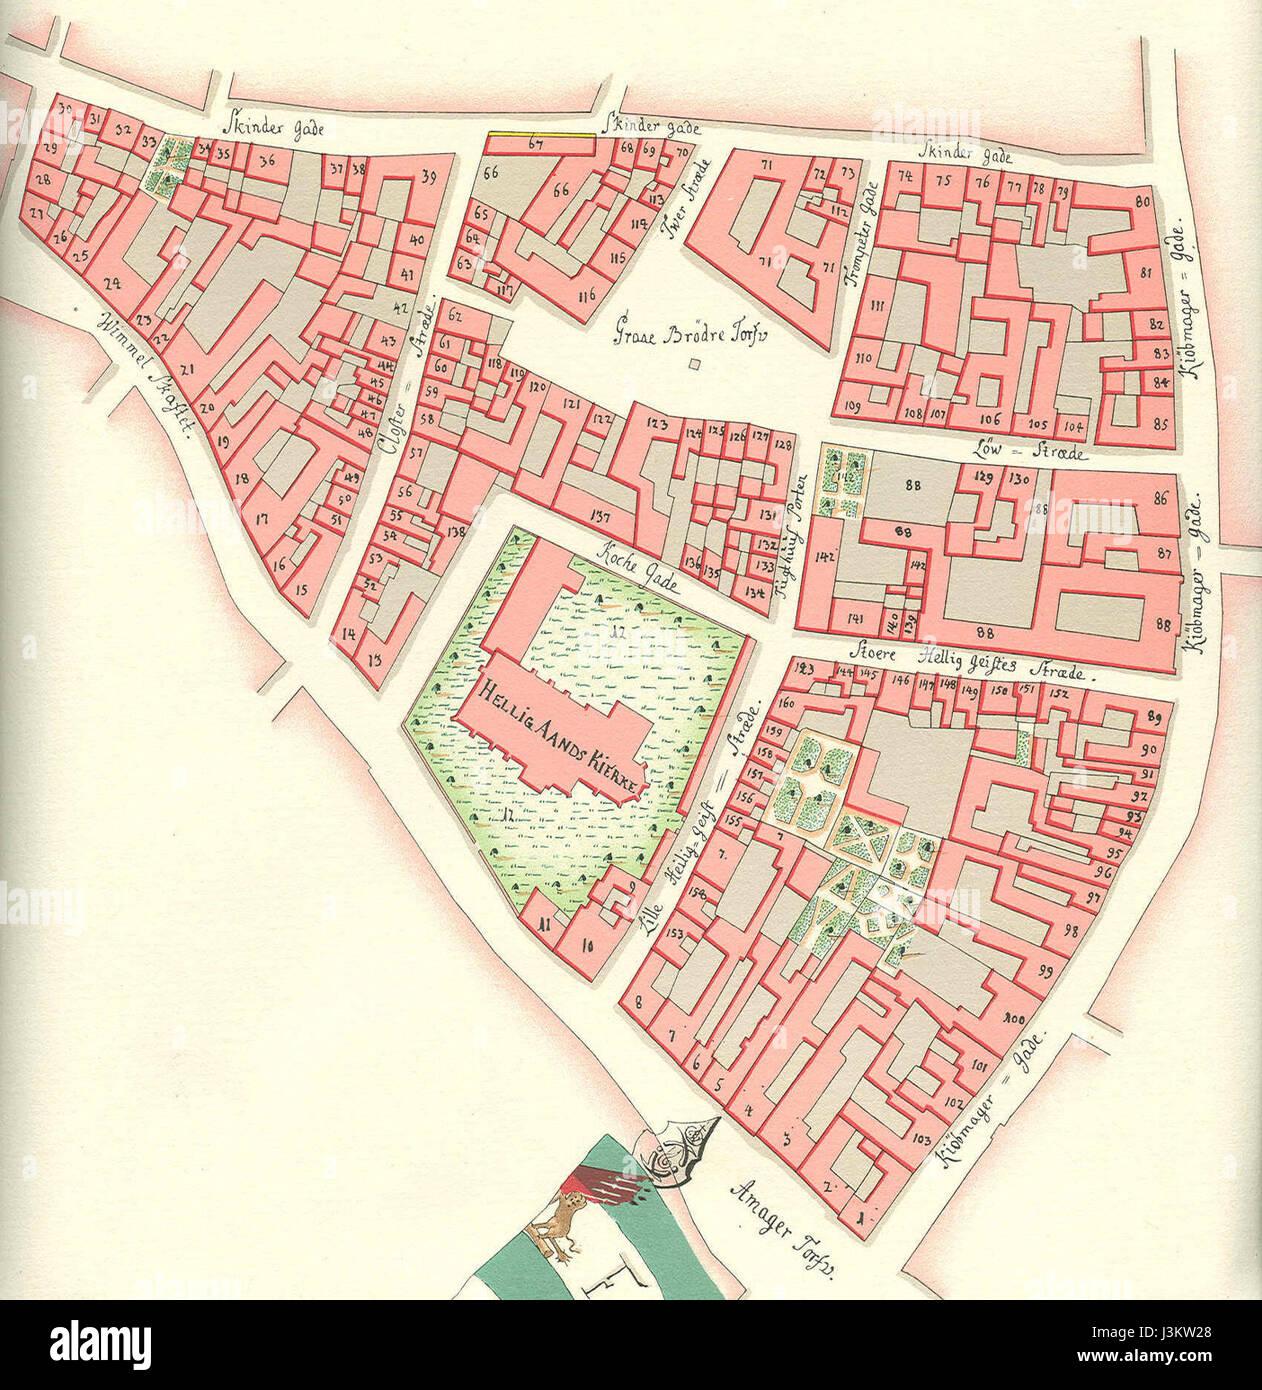 Helligaandskirken Copenhagen map Gedde 1757 - Stock Image